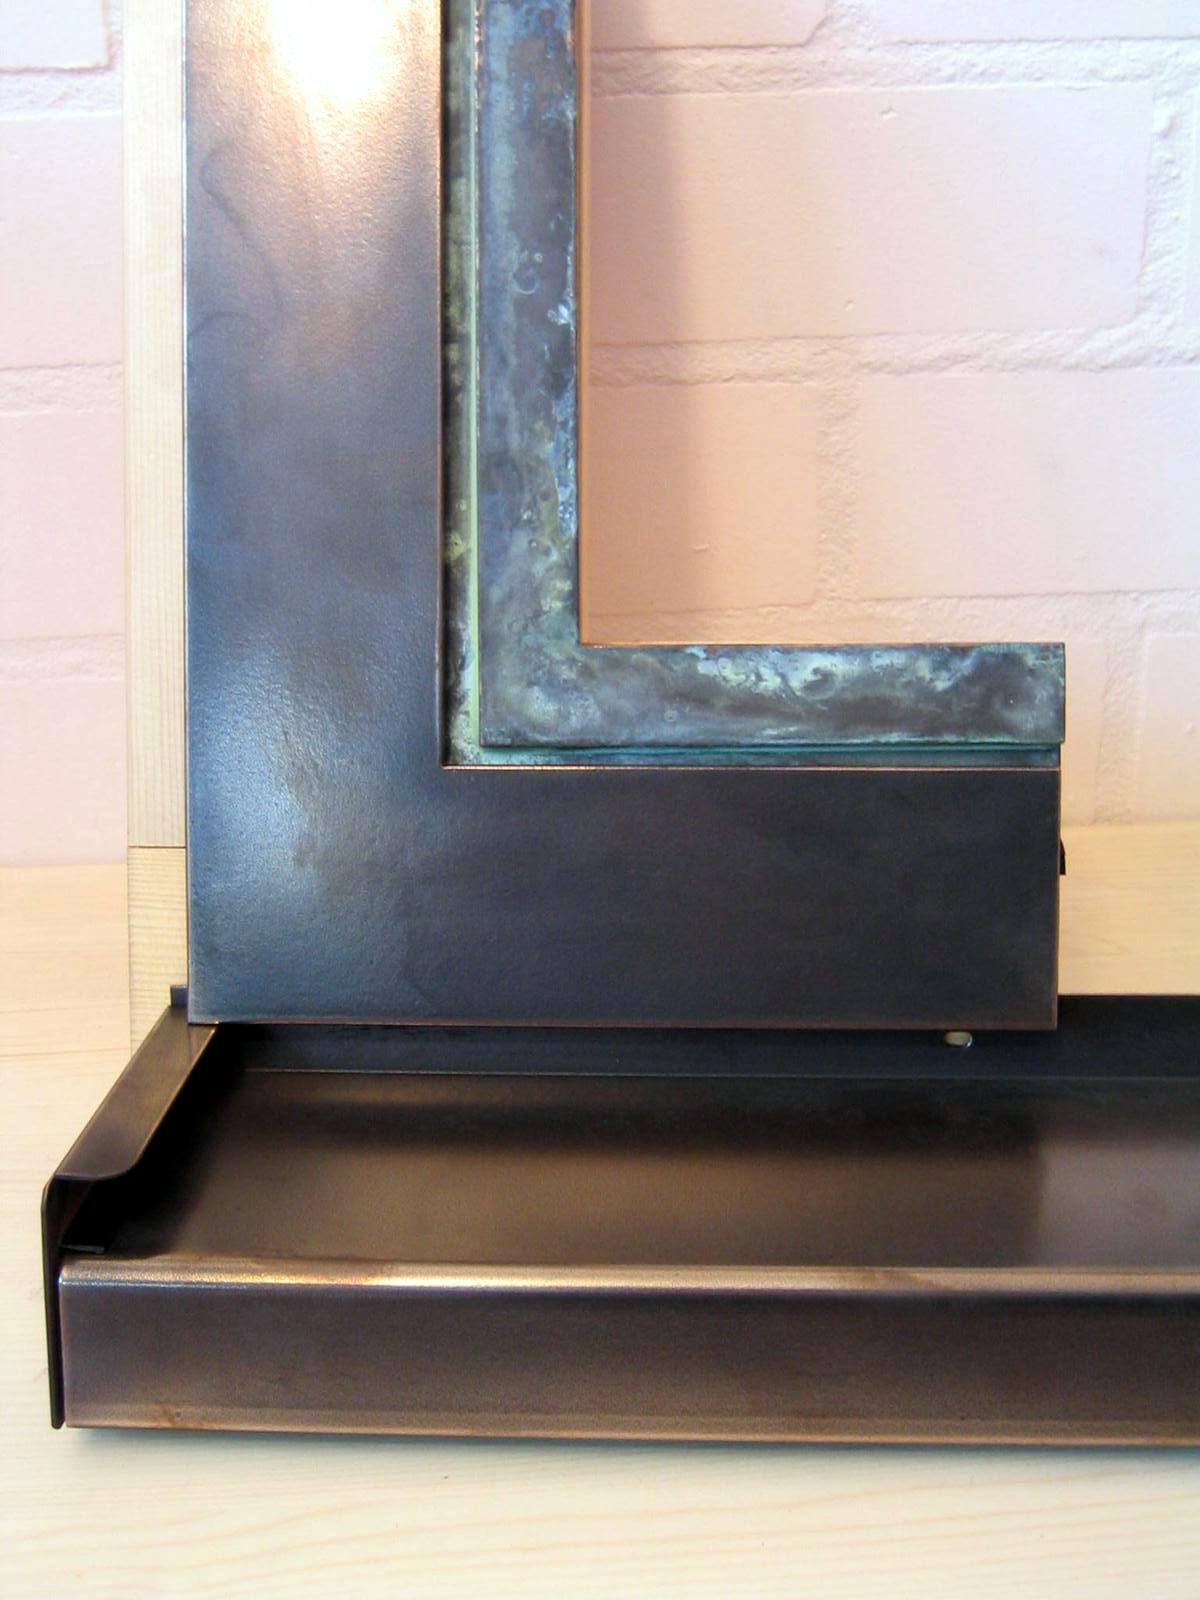 verometal beschichtung mit echtmetall aus vergrauten fenstern werden schmuckst cke. Black Bedroom Furniture Sets. Home Design Ideas